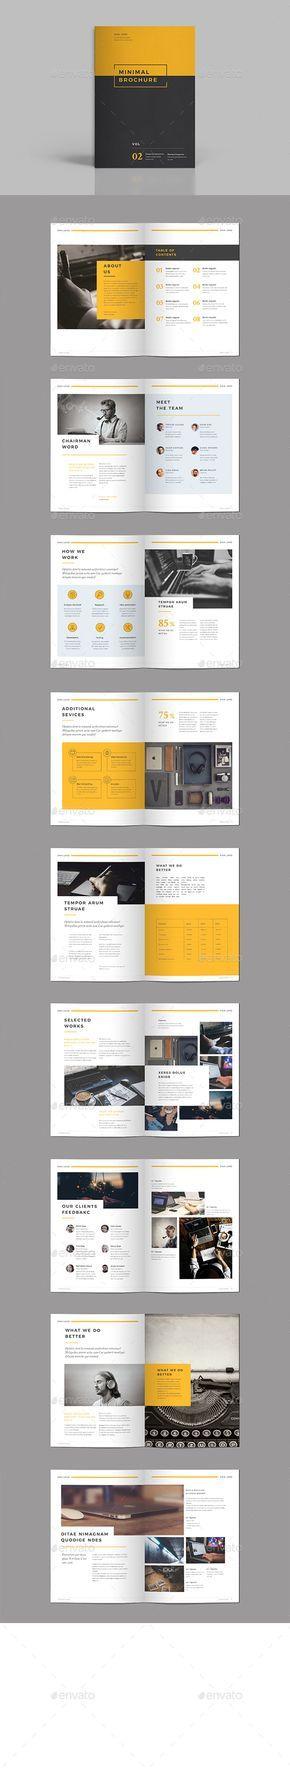 Minimal Brochure Design Template Vol III - Brochures Design Print Template InDesign INDD. Download here: https://graphicriver.net/item/minimal-brochure-vol-iii/19330885?ref=yinkira